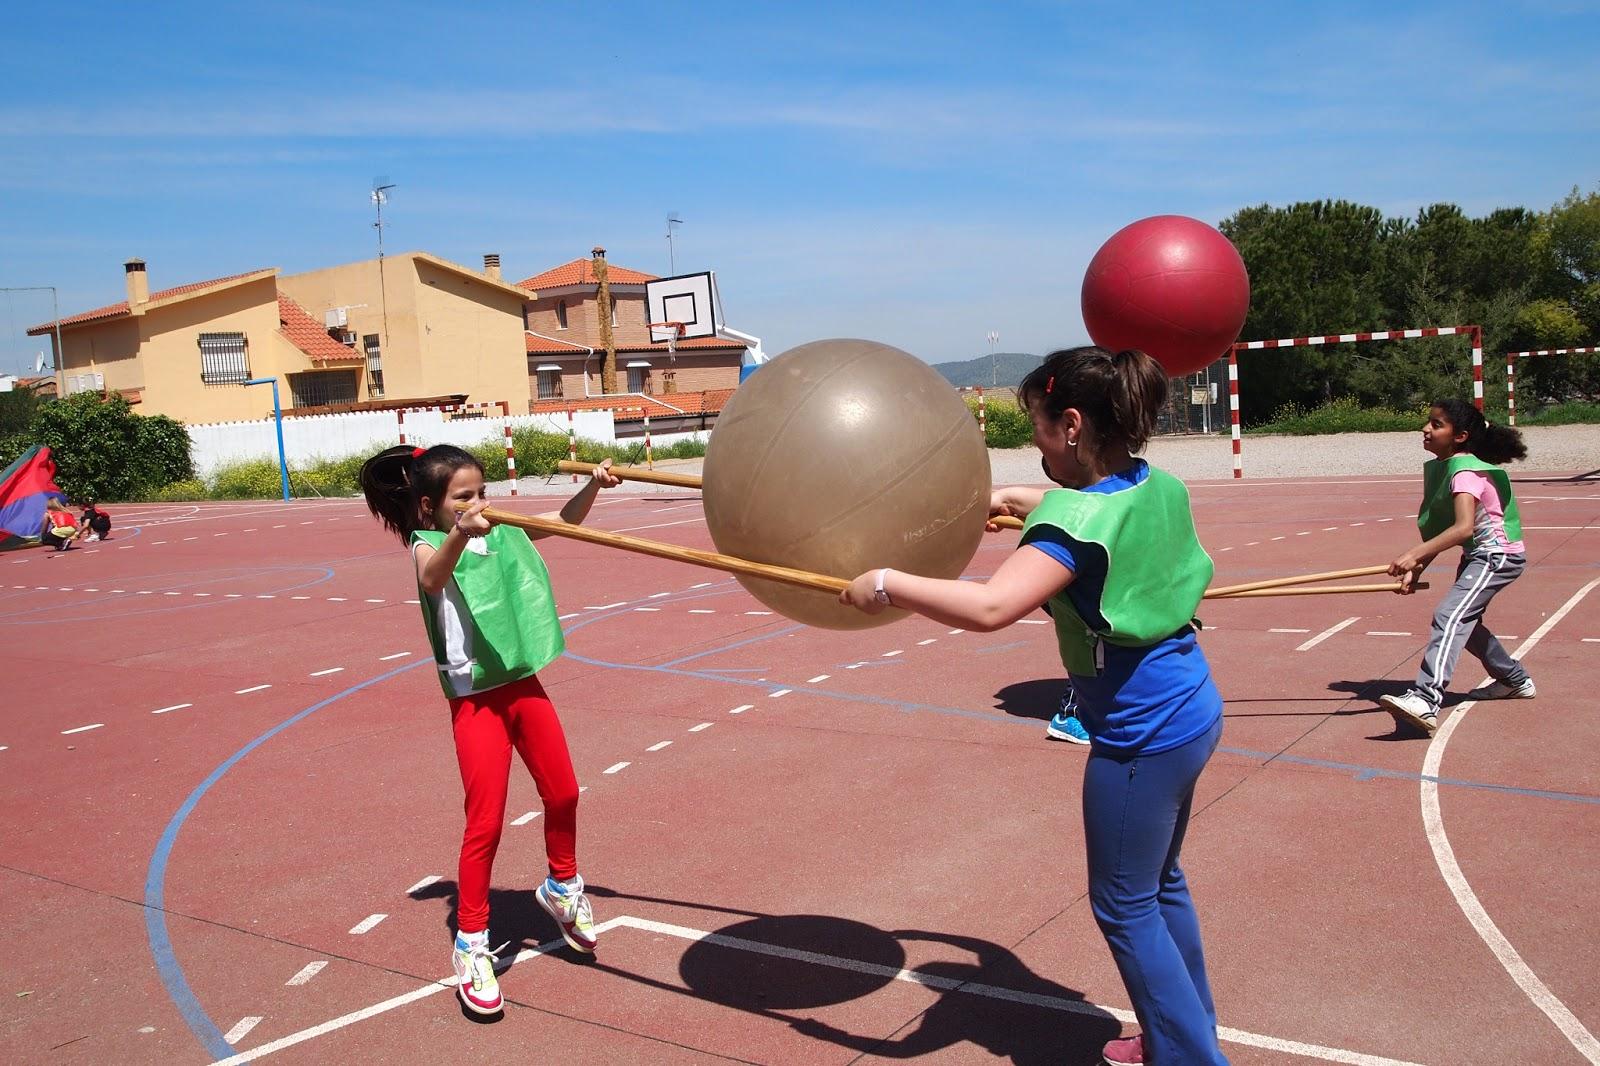 Gasparin Com Abril 2013 Nº 65 Juegos Cooperativos